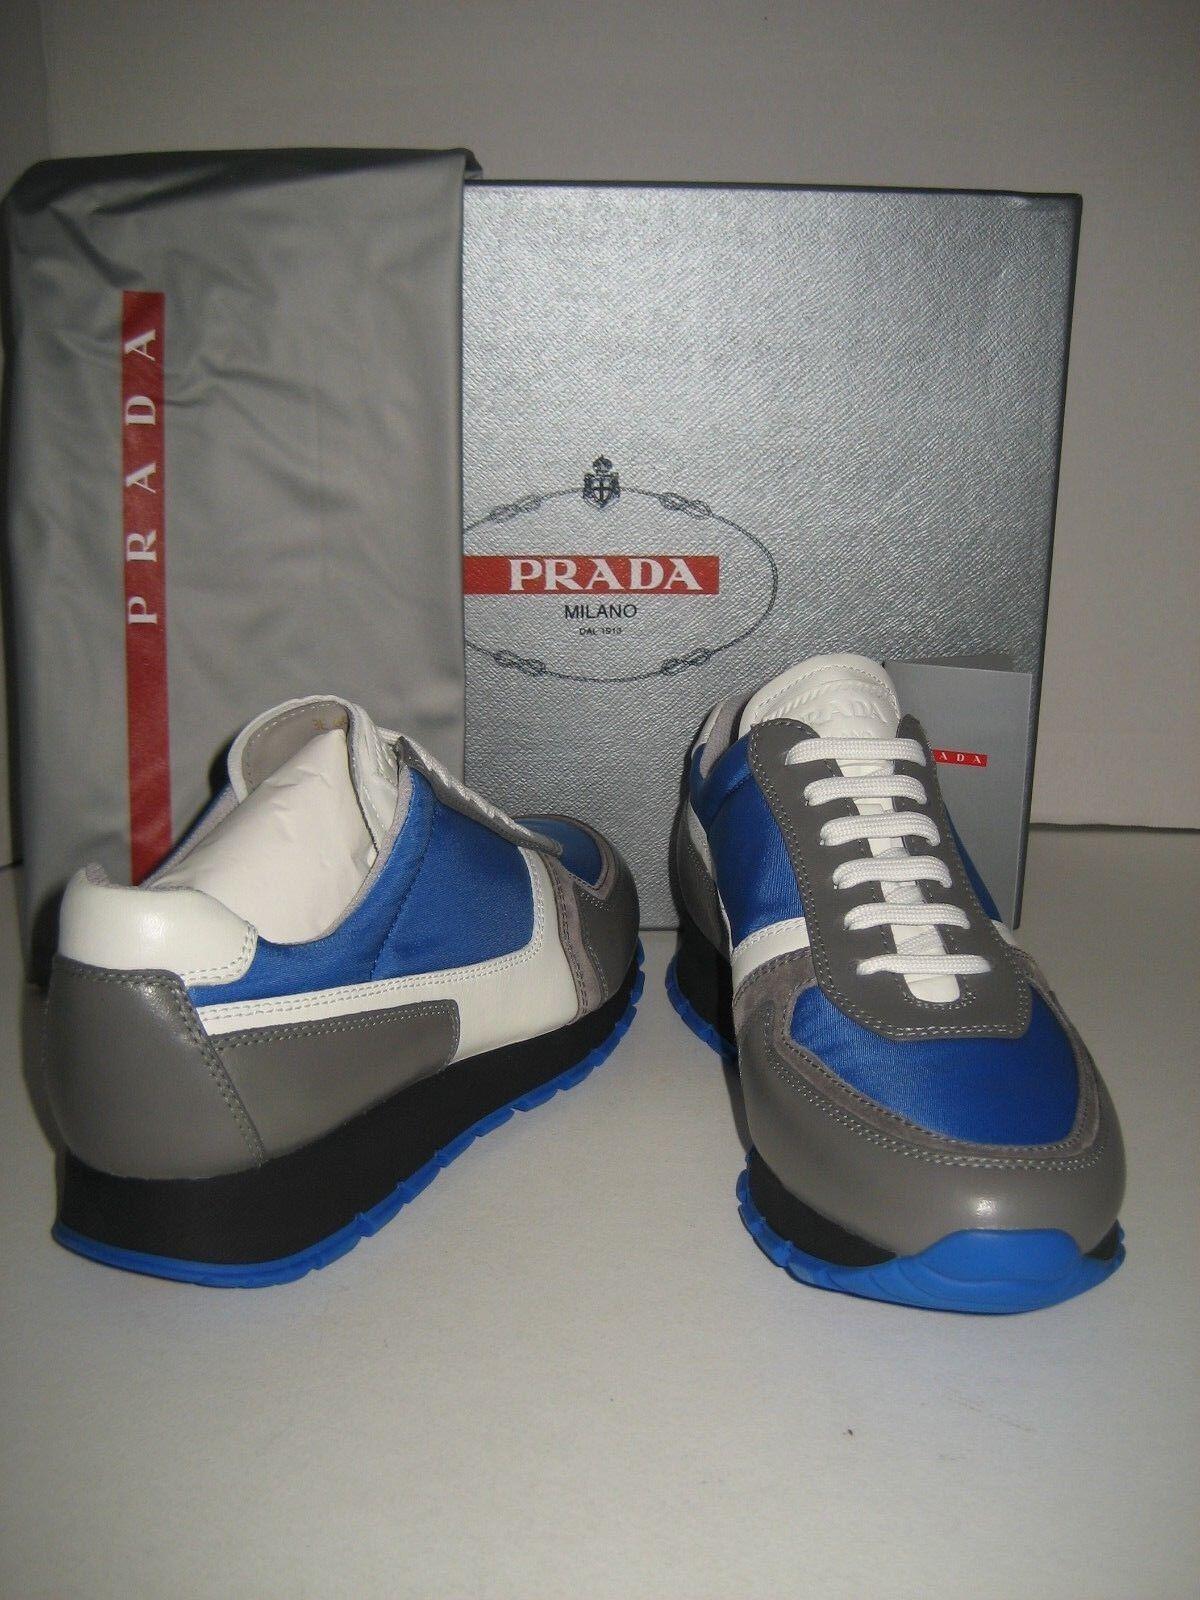 Zapatos De Cuero nuevo nuevo nuevo Mujeres PRADA US 8 EU 38.5 Zapatillas Tenis blancoo gris Azul Caja  suministro directo de los fabricantes